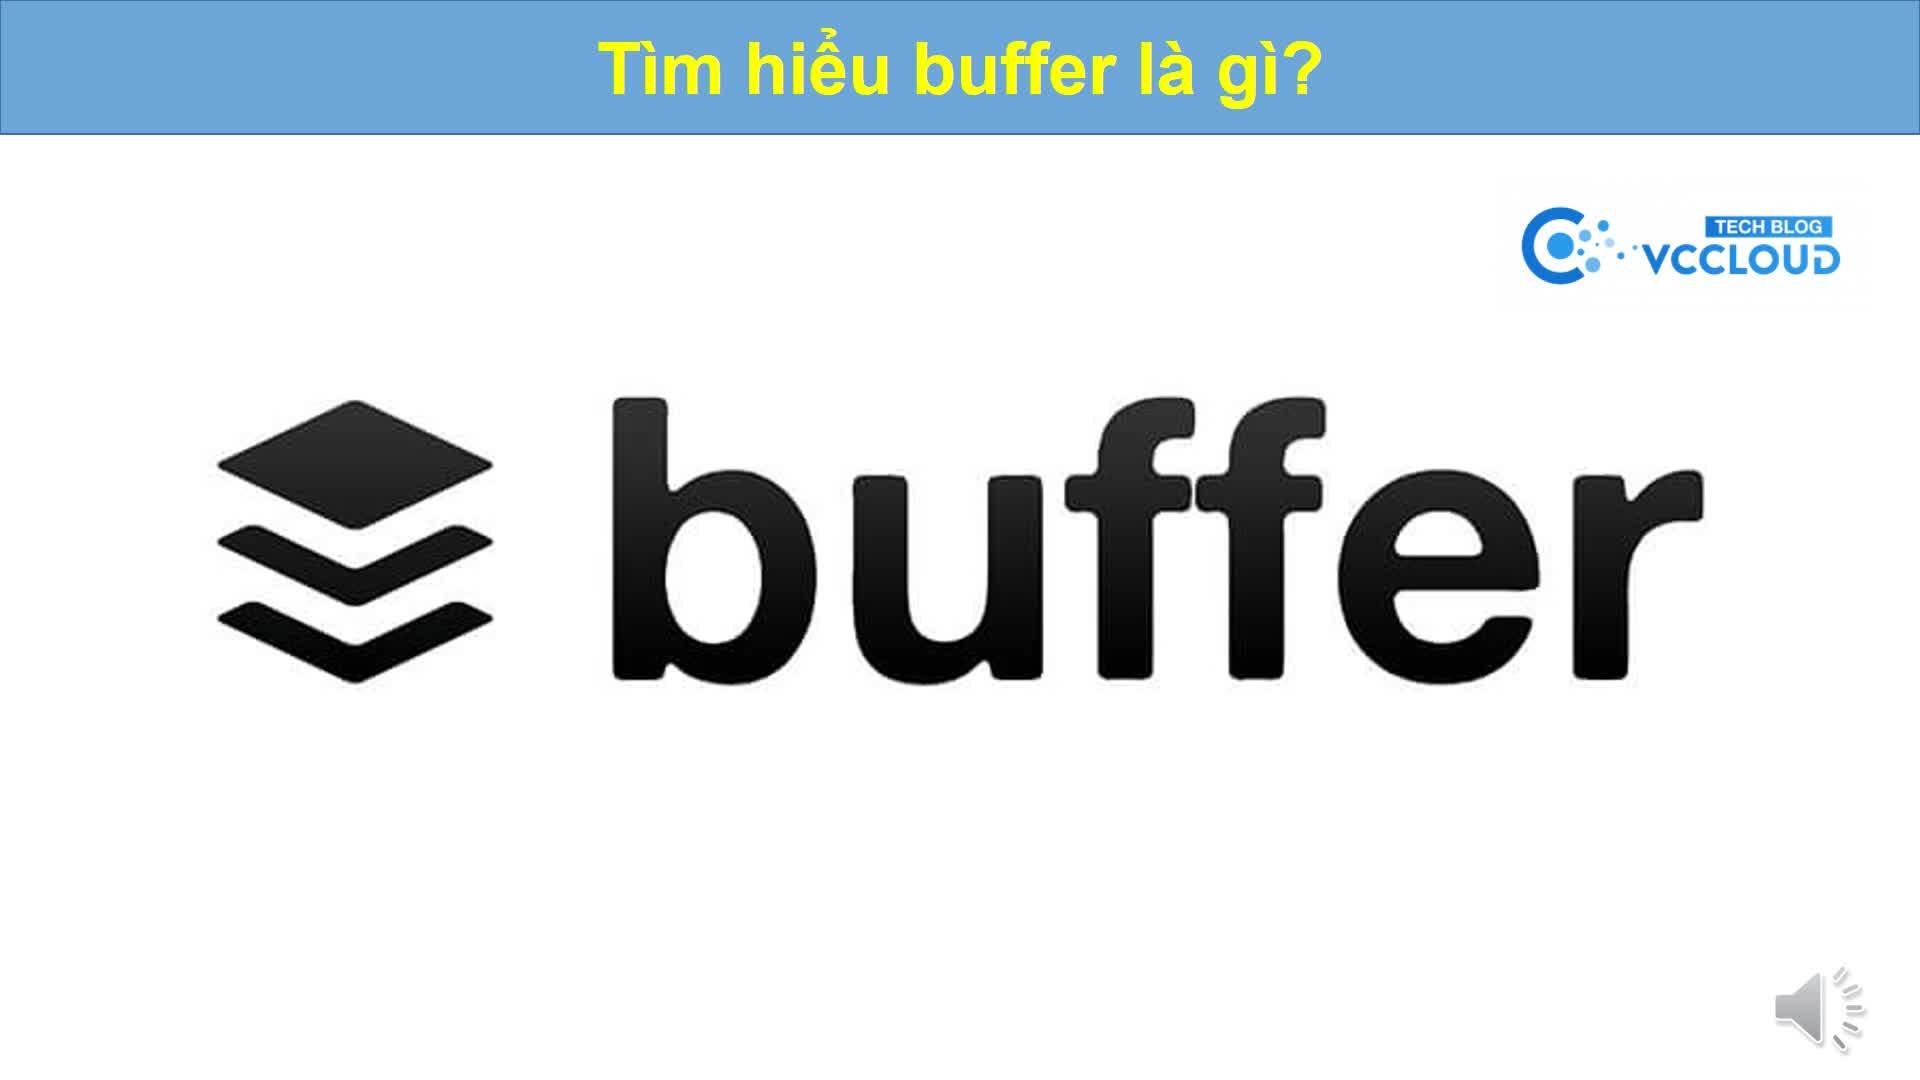 [Mutex video] Tìm hiểu buffer là gì?